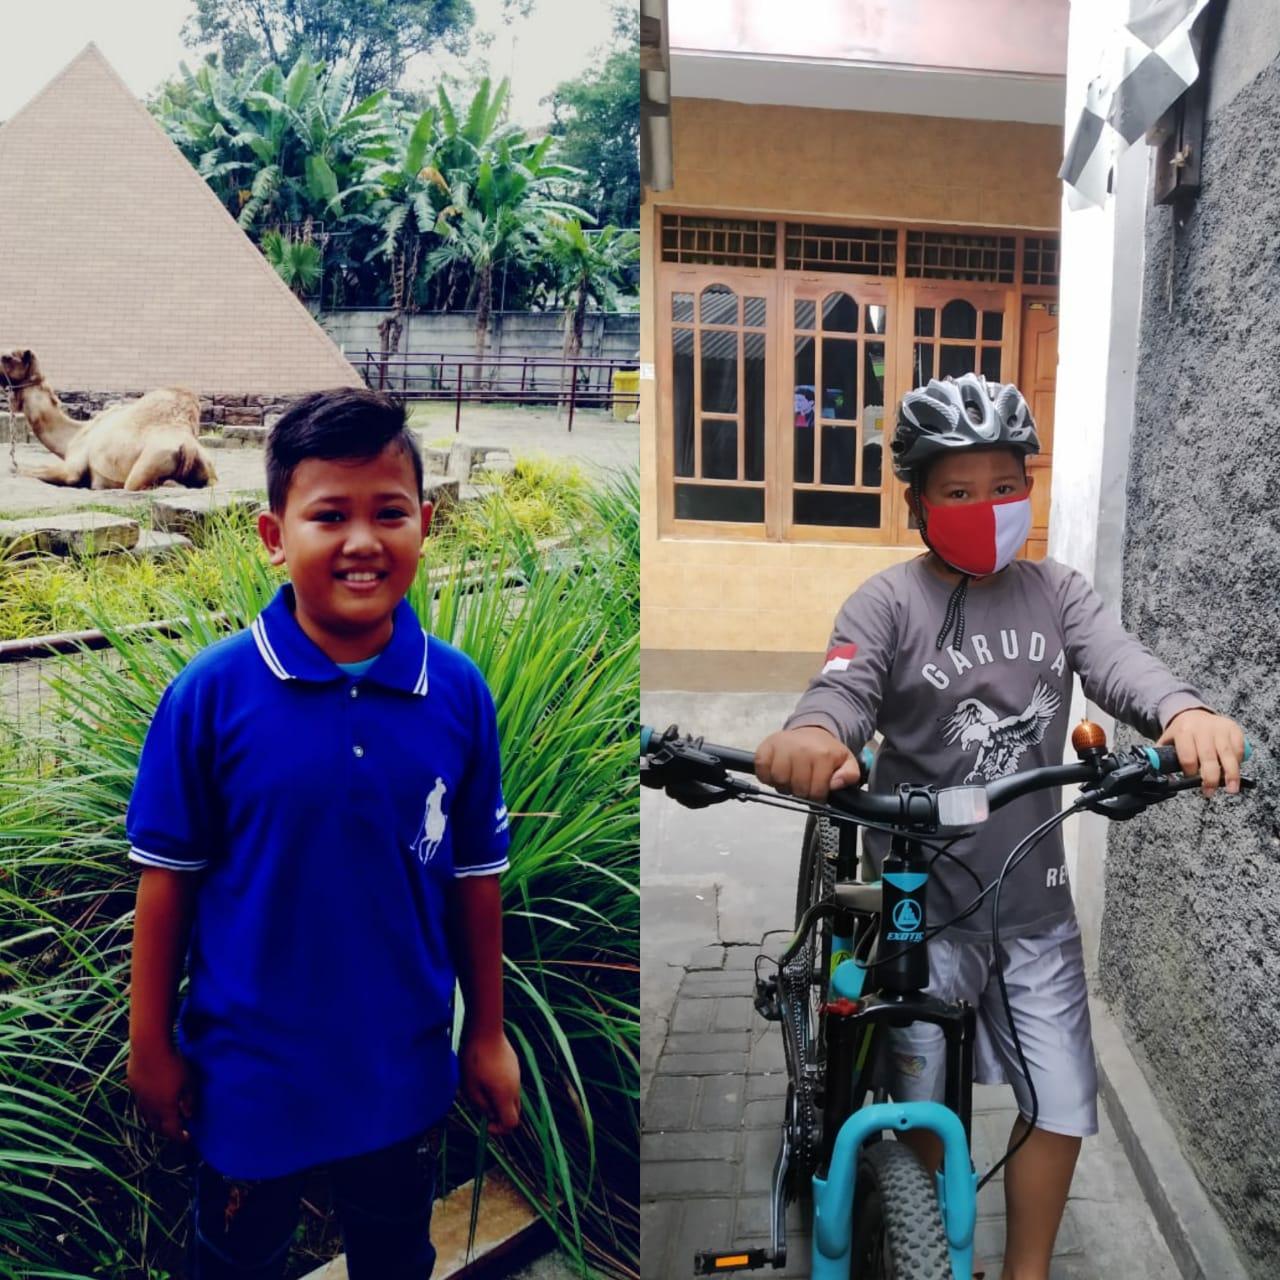 Pemenang juara 2 Challenge Kemerdekaan di Tengah Pandemi Covid-19 : Raihan Erlangga Putra Sumantri (13 th)